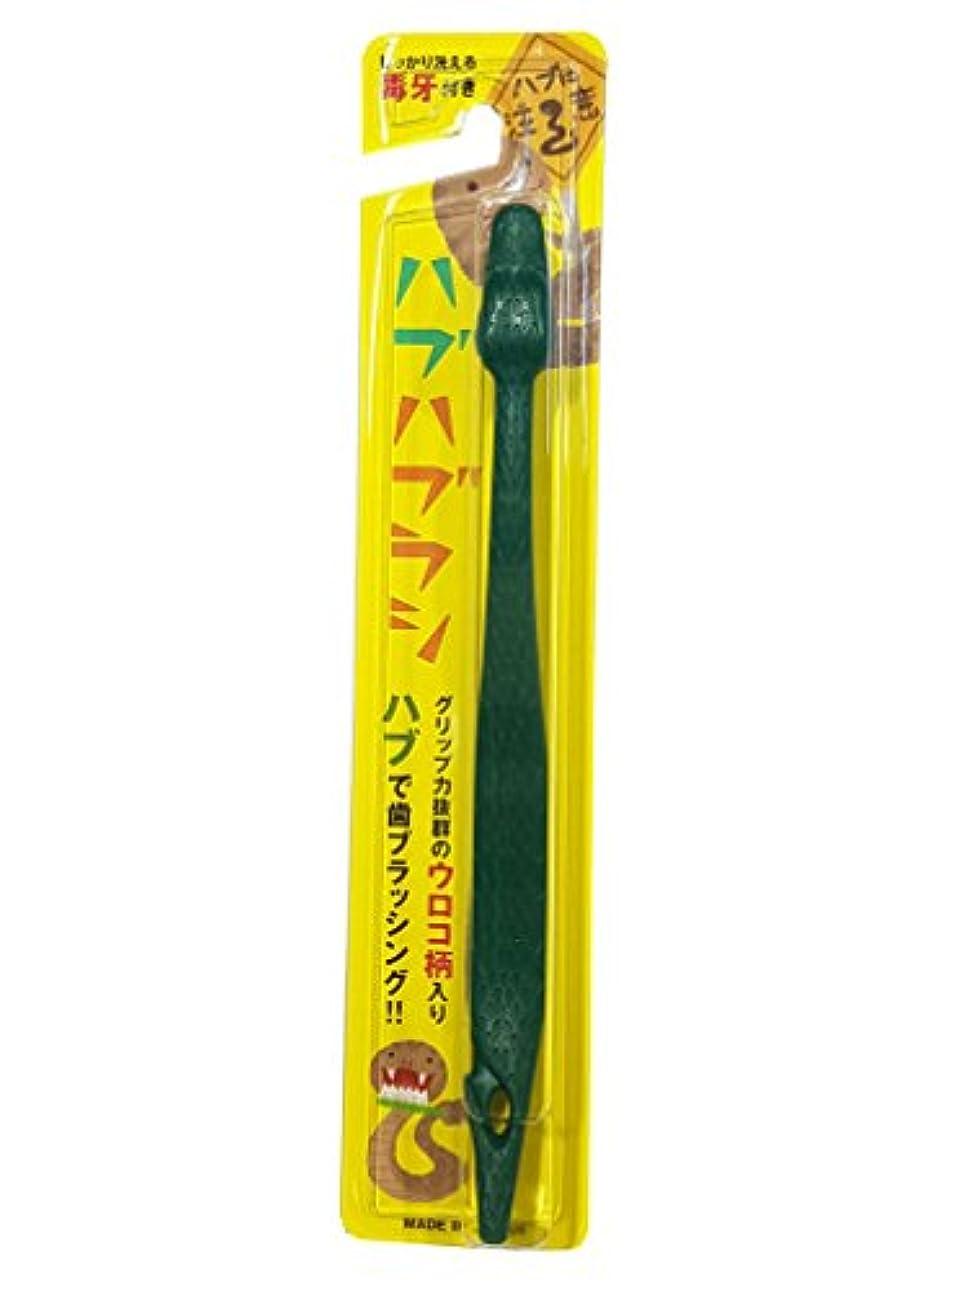 スローガンクリーナークリーナーハブハブラシ (緑 色) 沖縄 はぶ 歯ブラシ